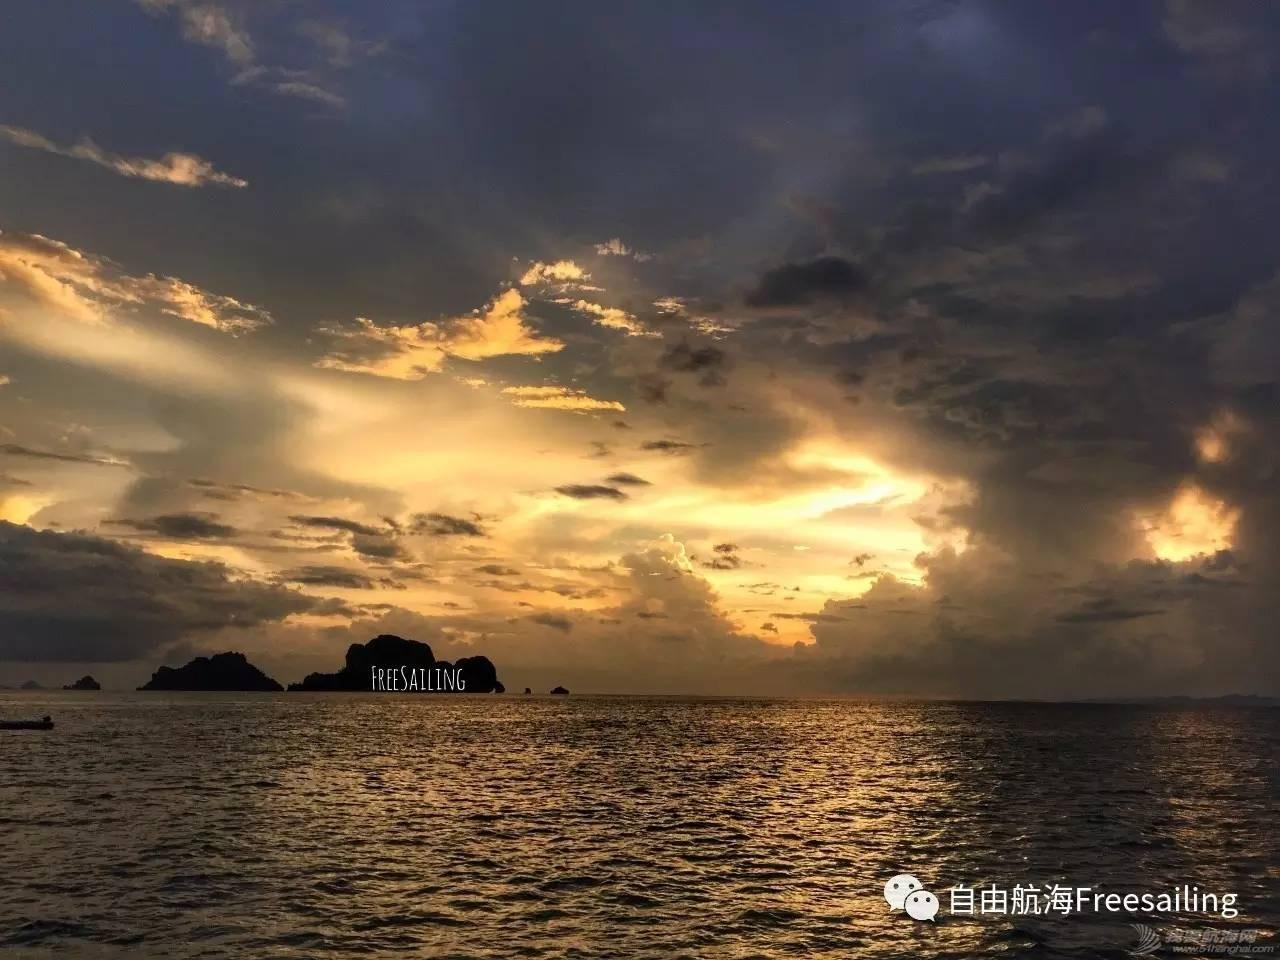 海上生活初体验——帆船环球周记六 064435a5b62e802c0f23ac0b14e56ca2.jpg